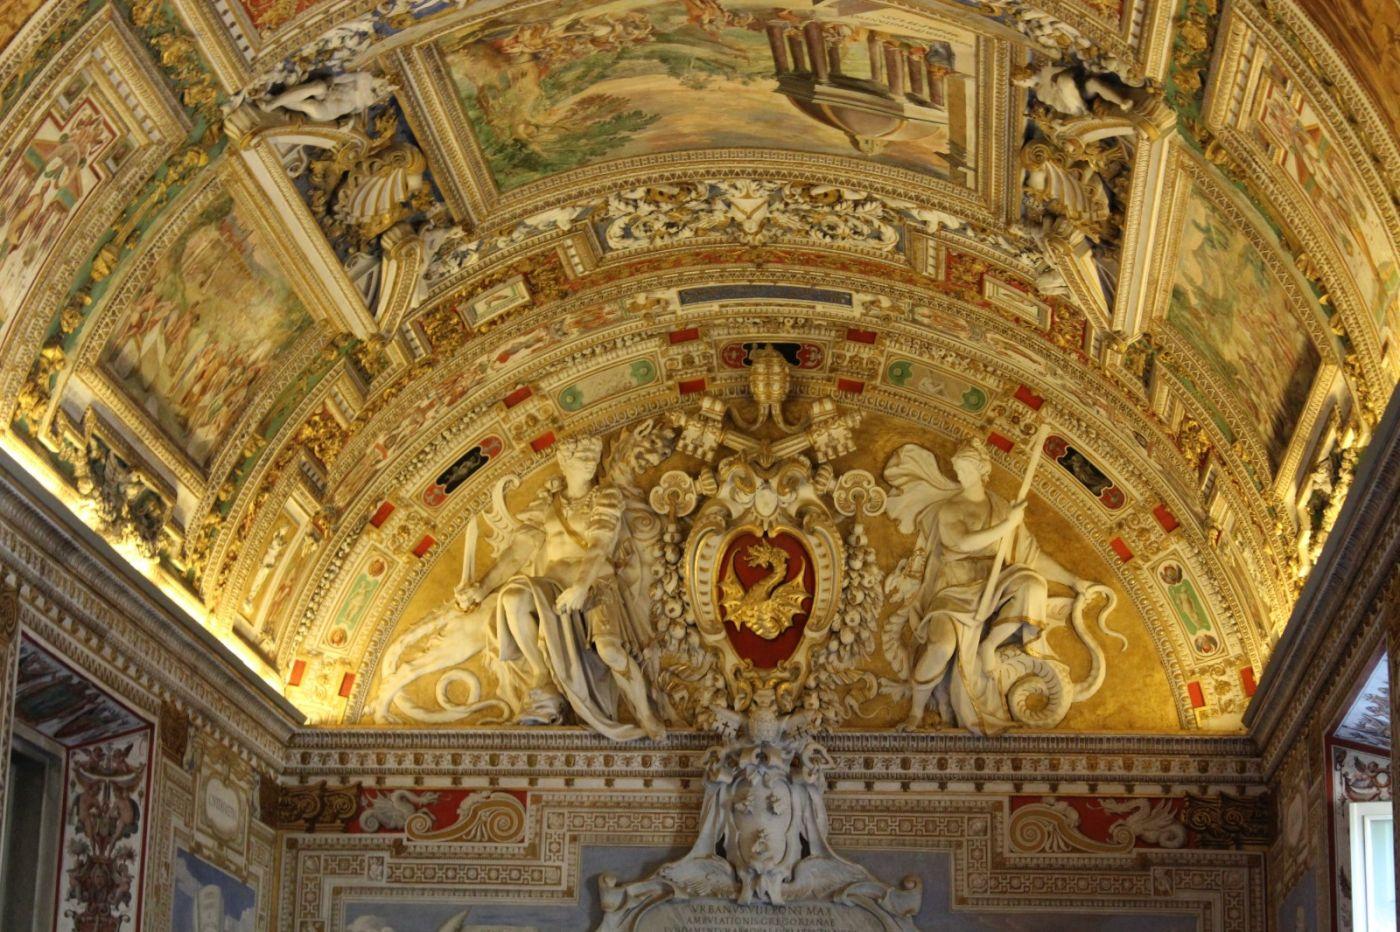 上帝之城:梵蒂冈印象_图1-20